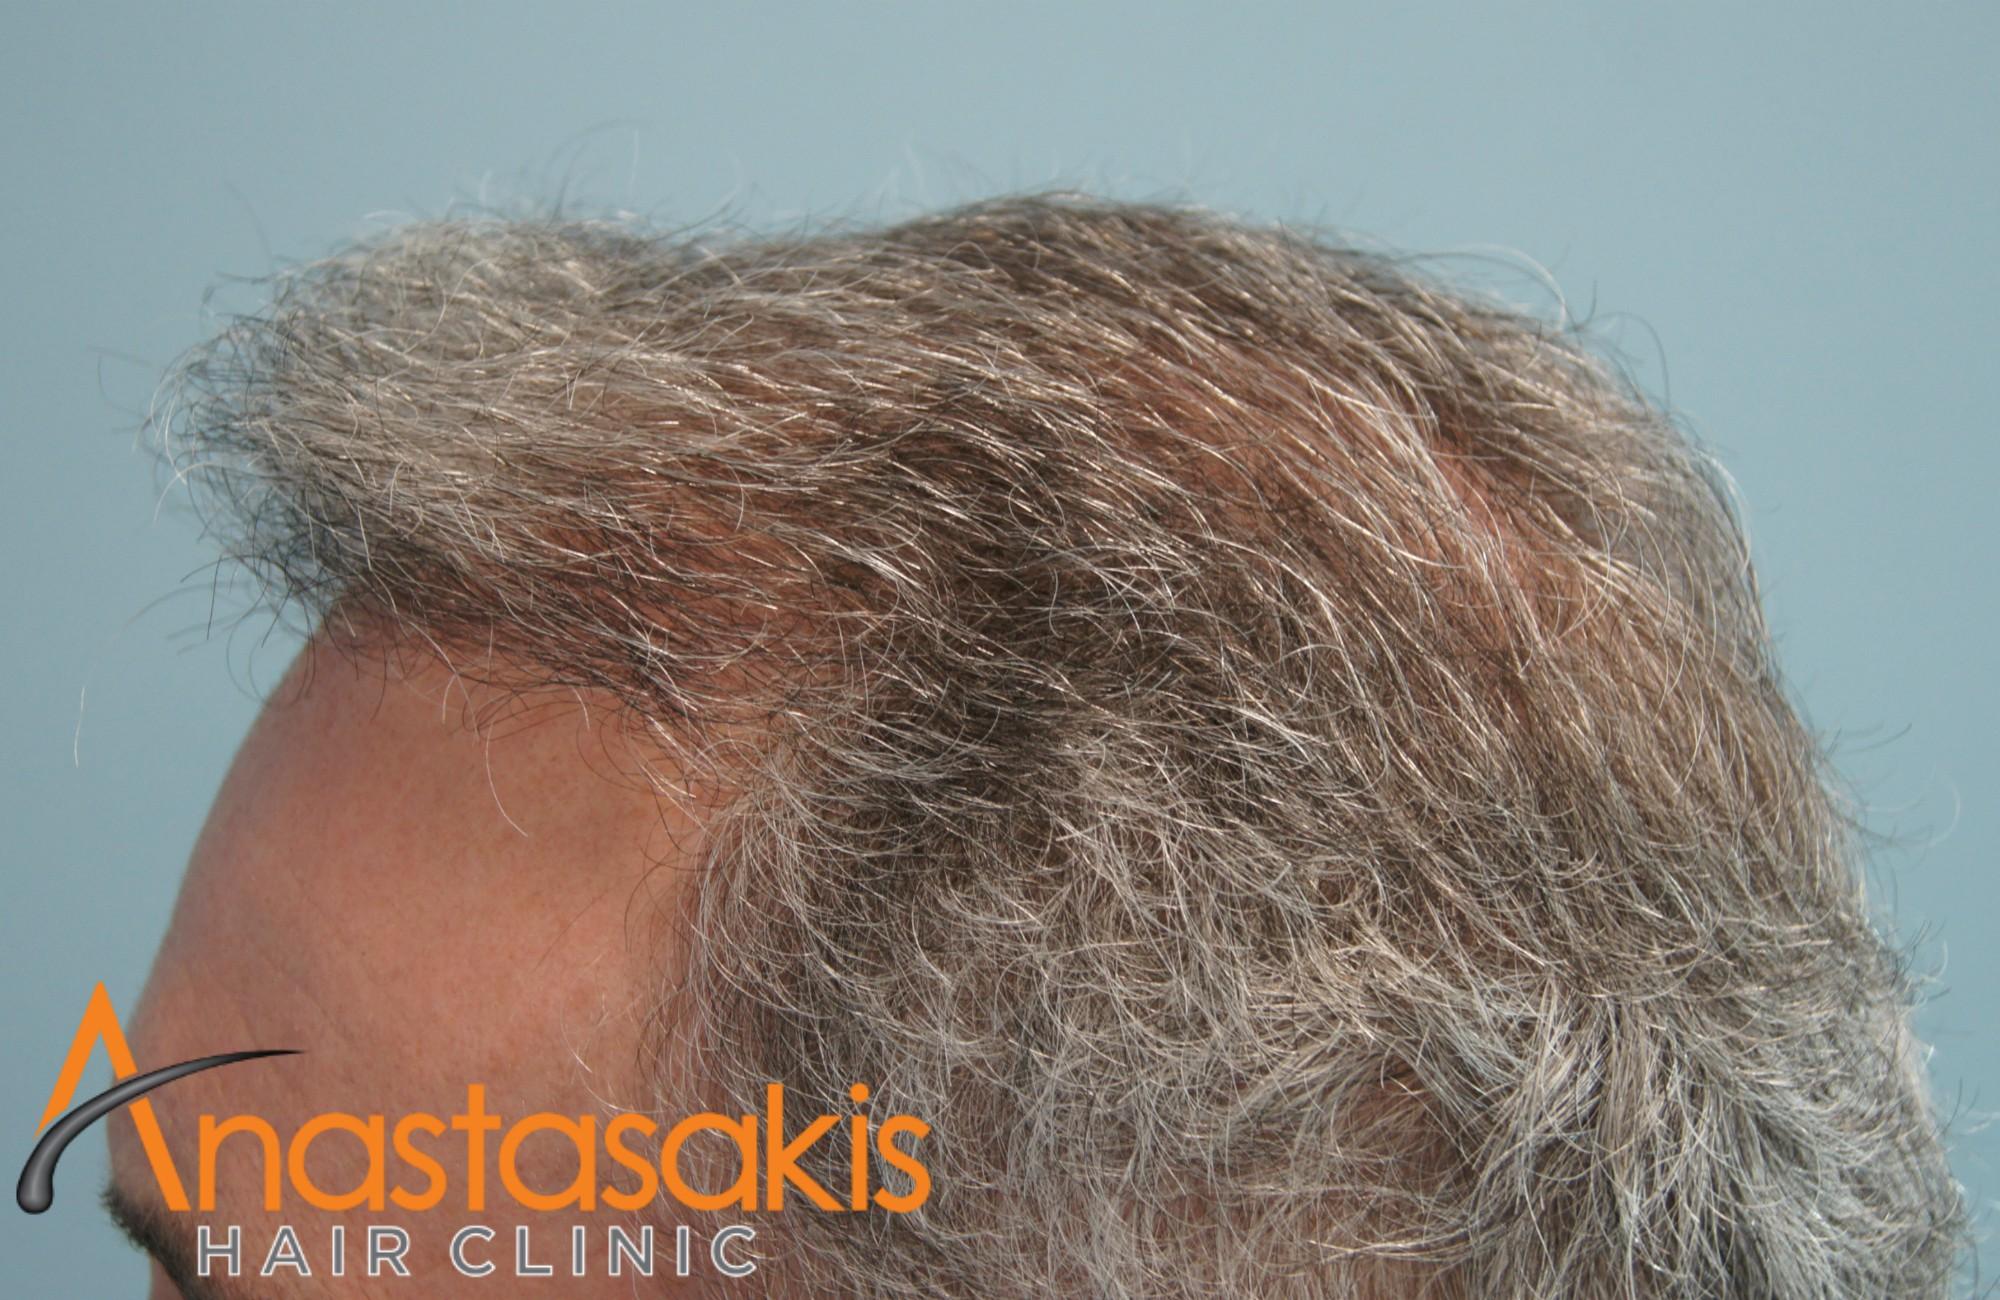 αριστερο προφιλ ασθενους μετα τη μεταμοσχευση μαλλιων με 2500 fus